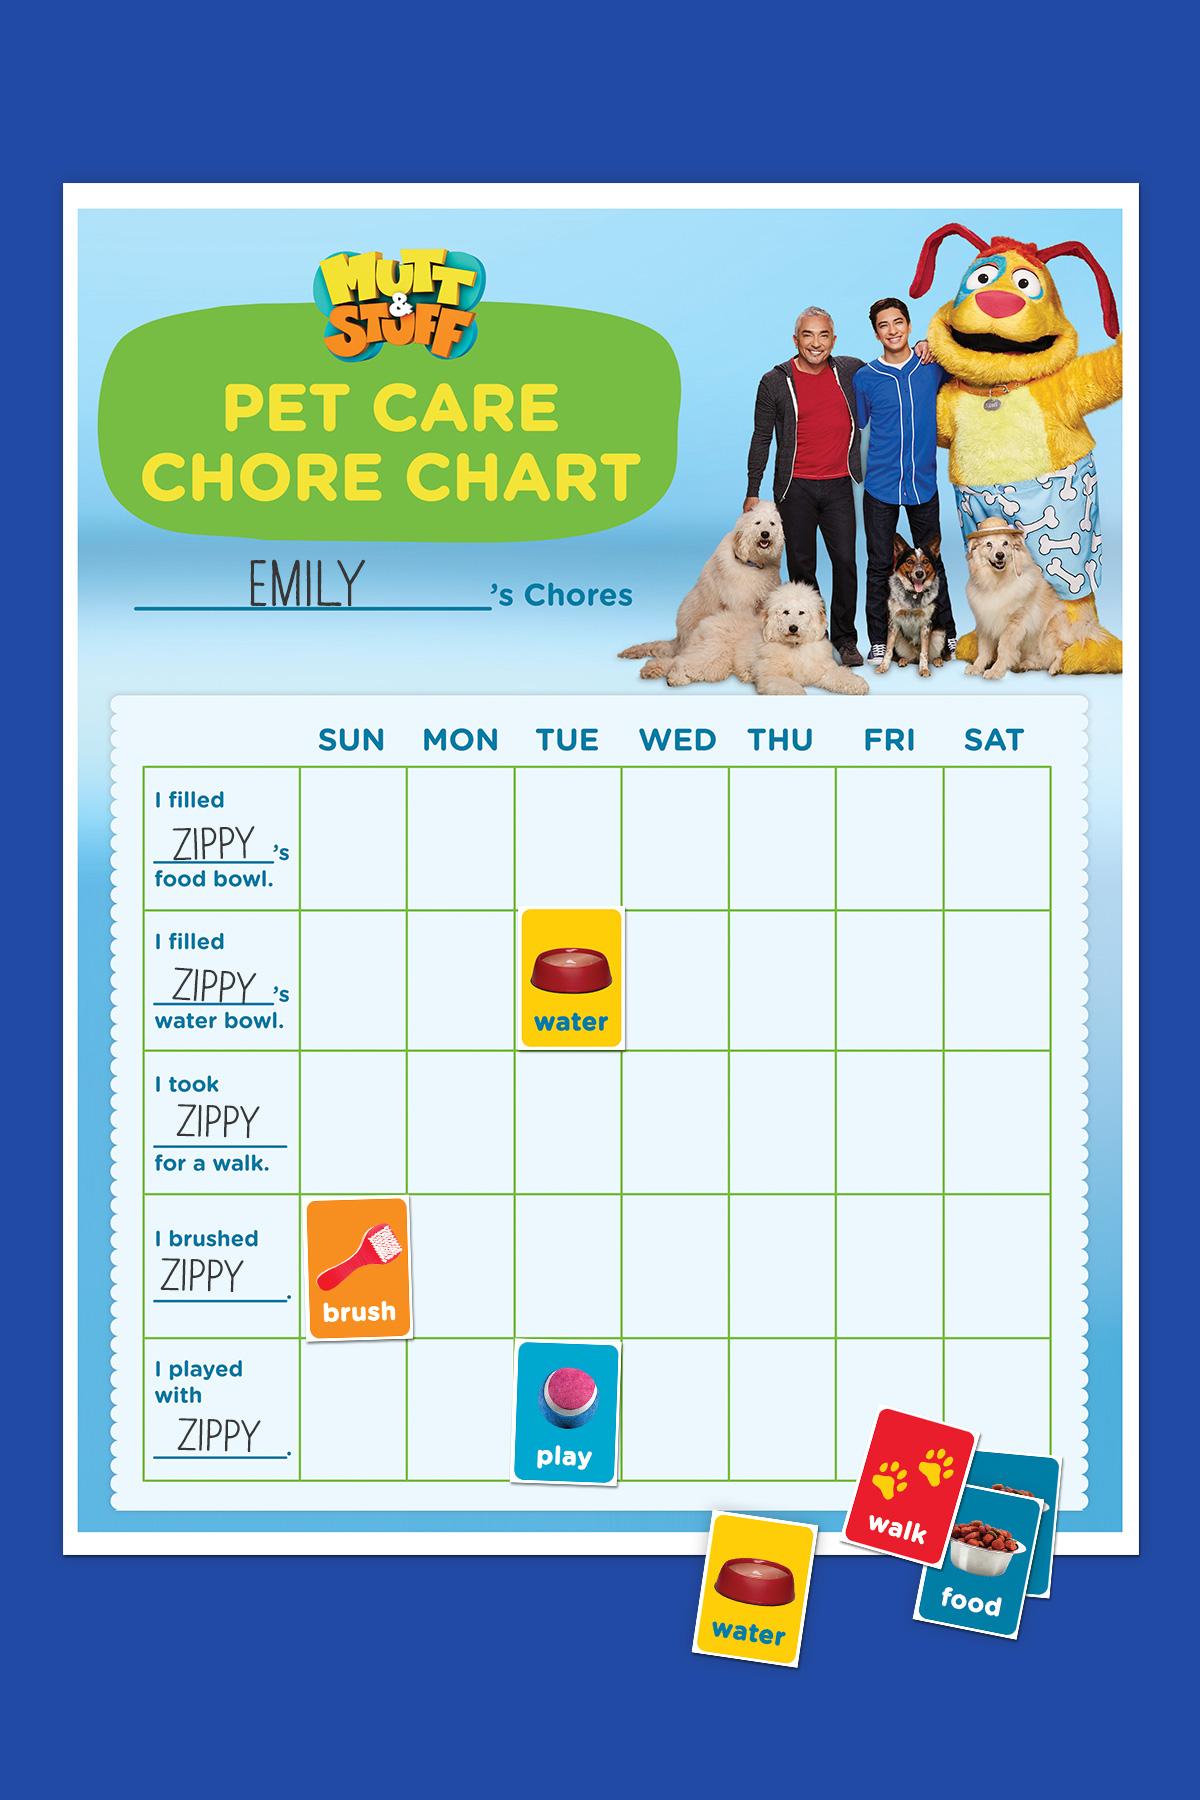 Mutt & Stuff First Pet Chore Chart